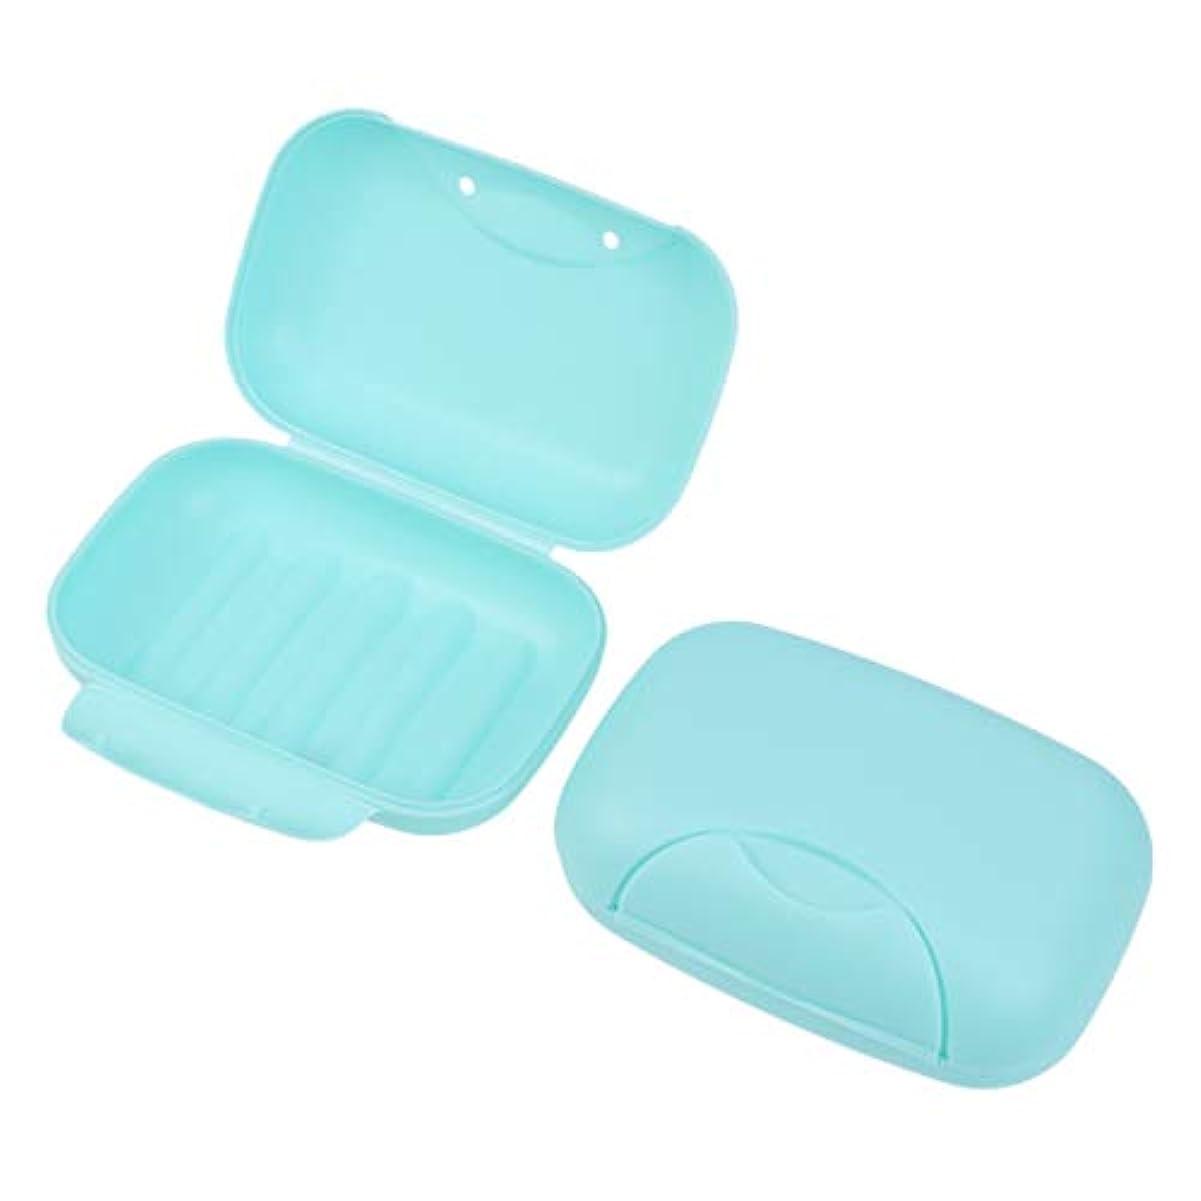 盲目妥協アンケートHealifty 旅行用ソープボックス防水石鹸皿ソープホルダー2個(青)